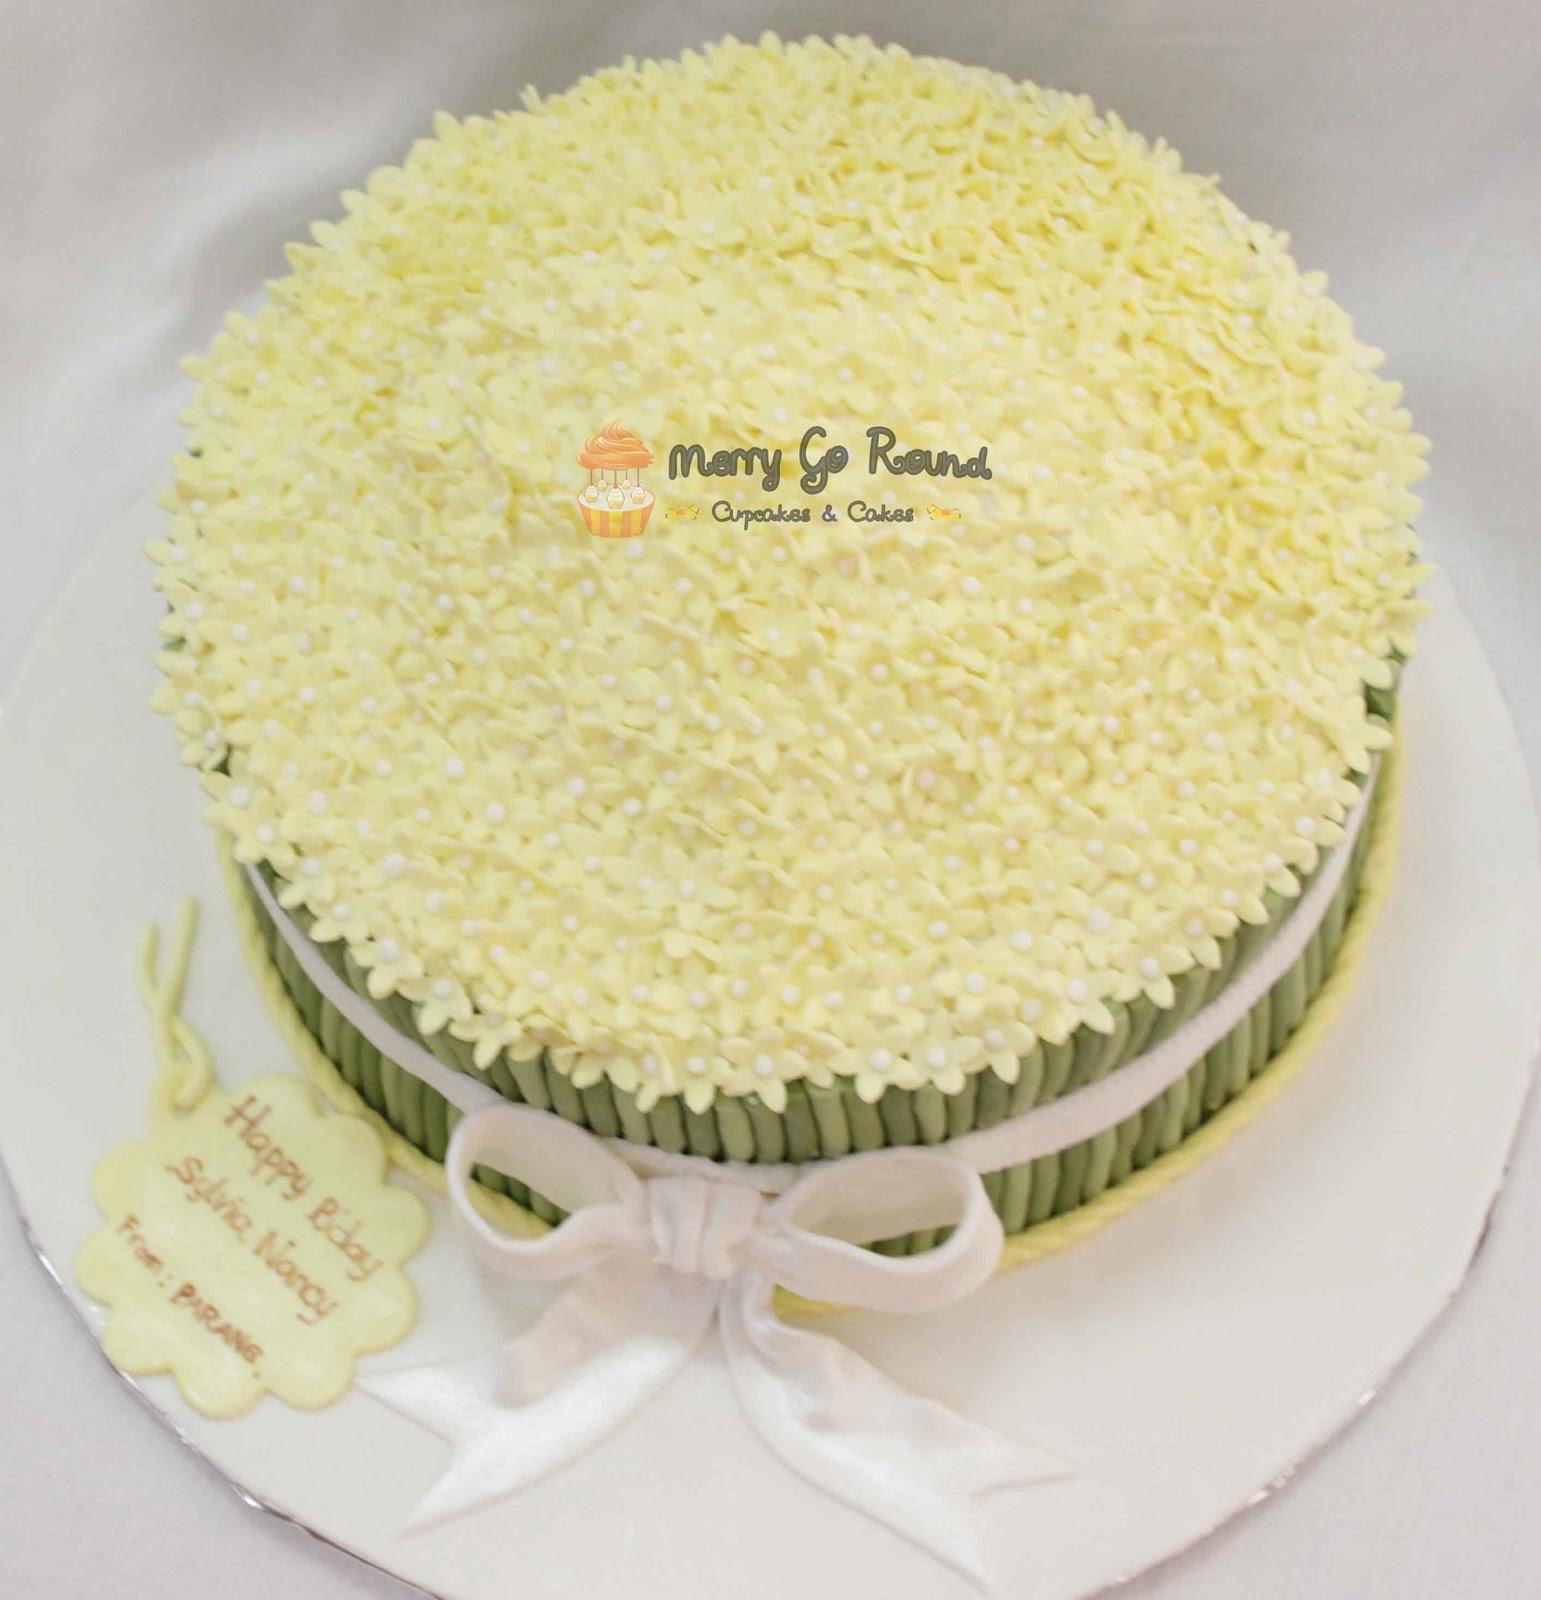 Merry go round cupcakes cakes a bouquet of flowers birthday cake a bouquet of flowers birthday cake so sweeeeettt izmirmasajfo